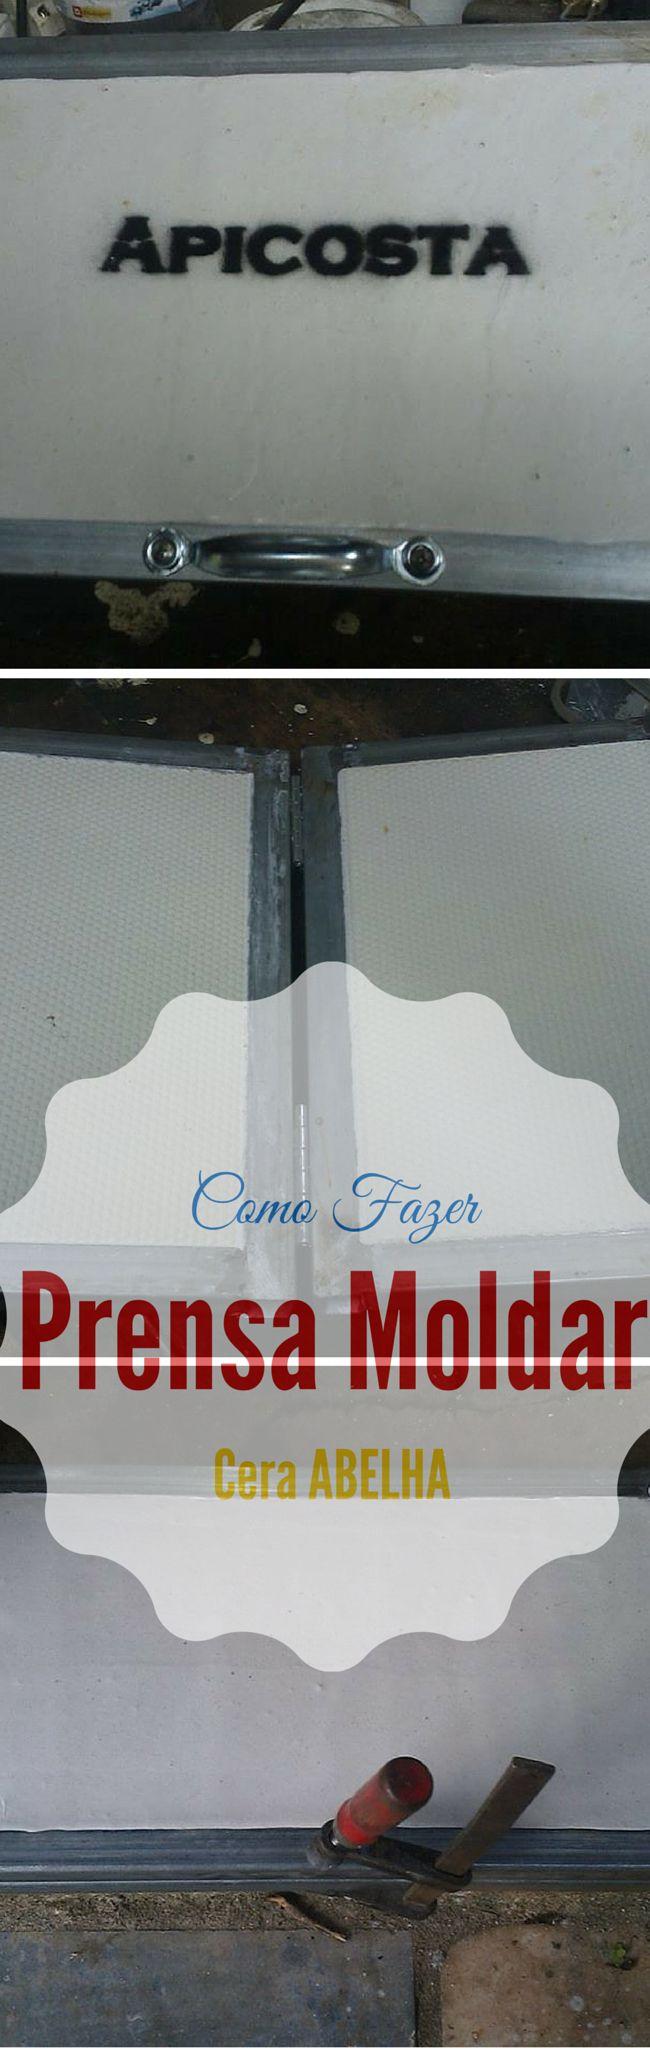 Prensa de Moldar Cera de Abelha, Para que possa moldar a sua cera quando e como quiser. http://apicosta.com/produto/prensa-moldar-cera-de-abelha/